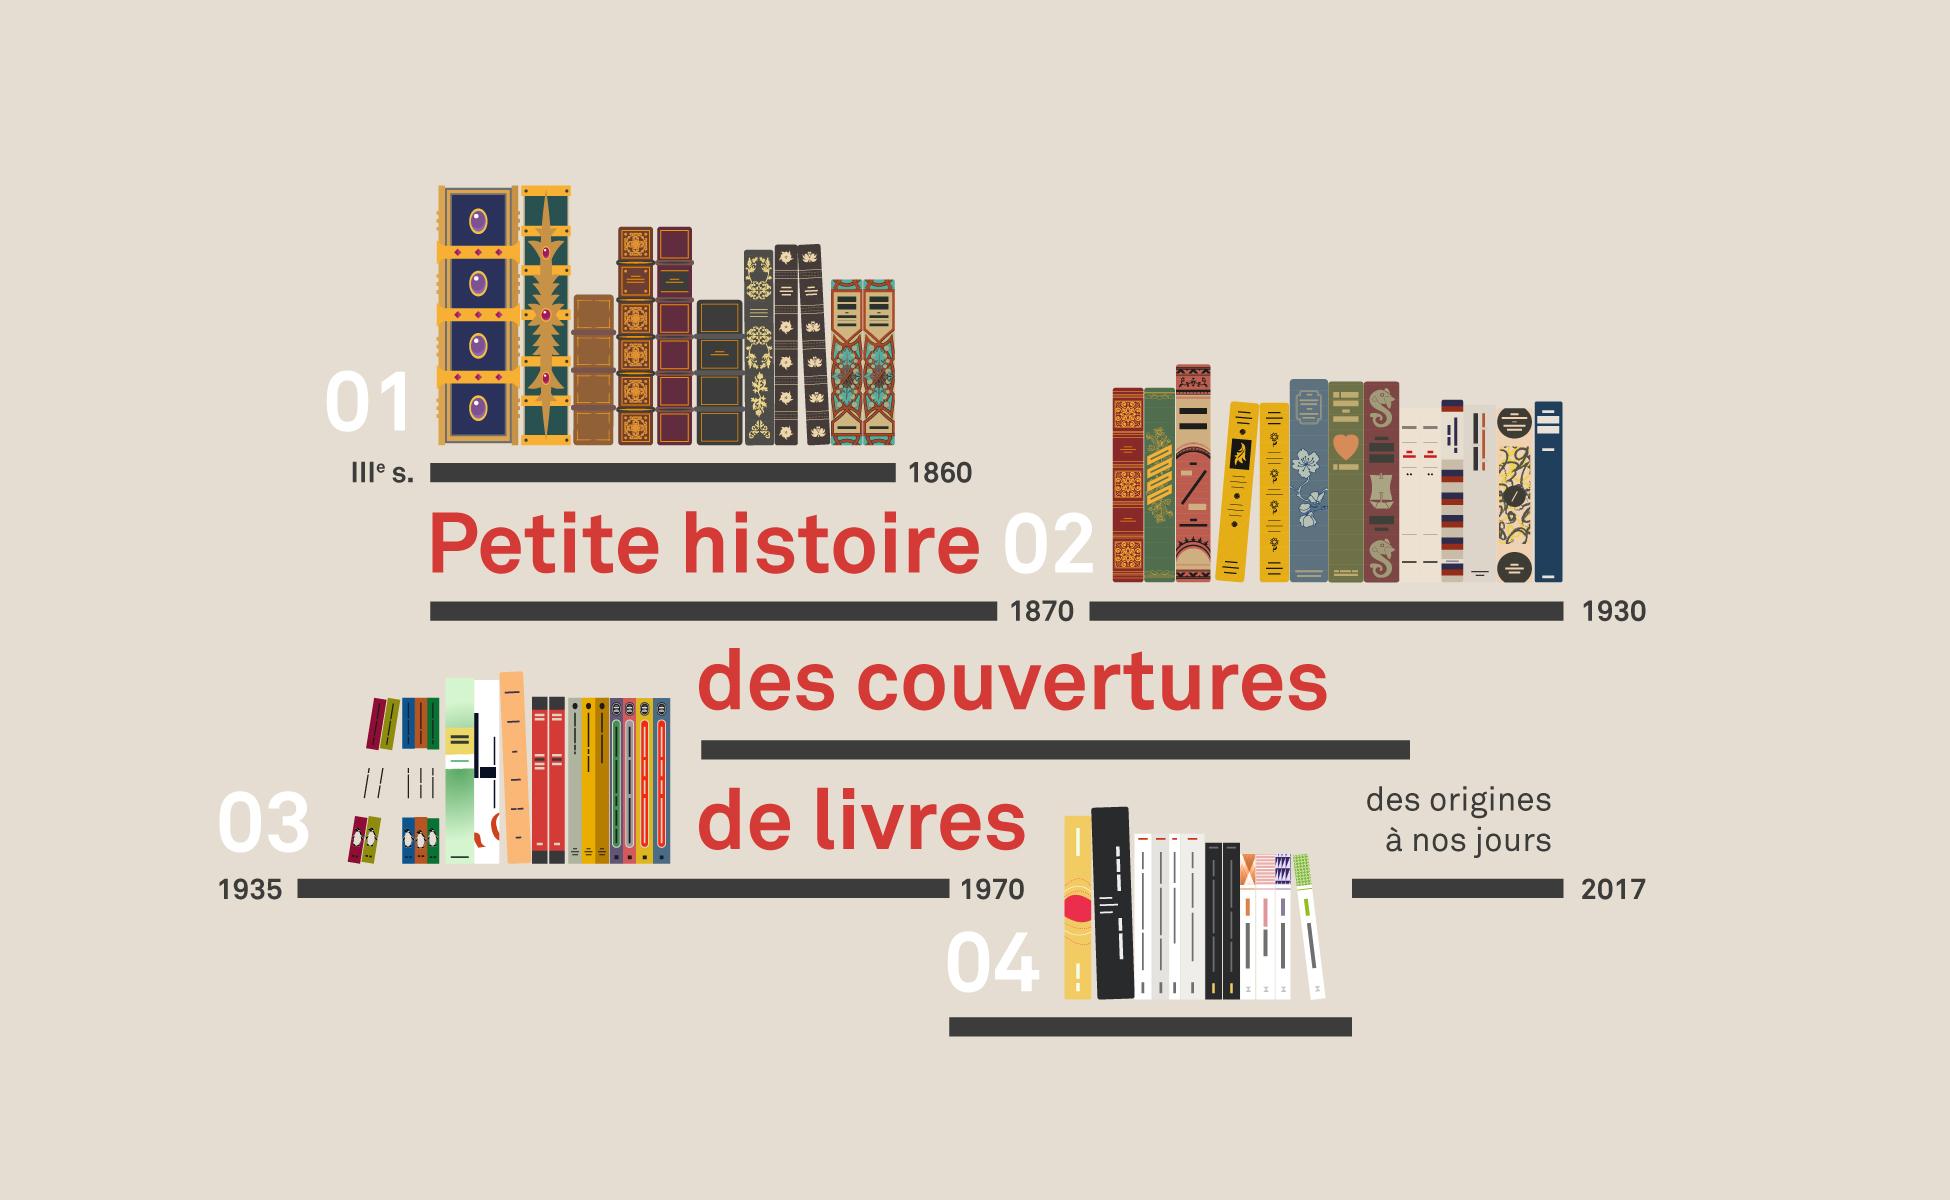 Petite histoire des couvertures de livres